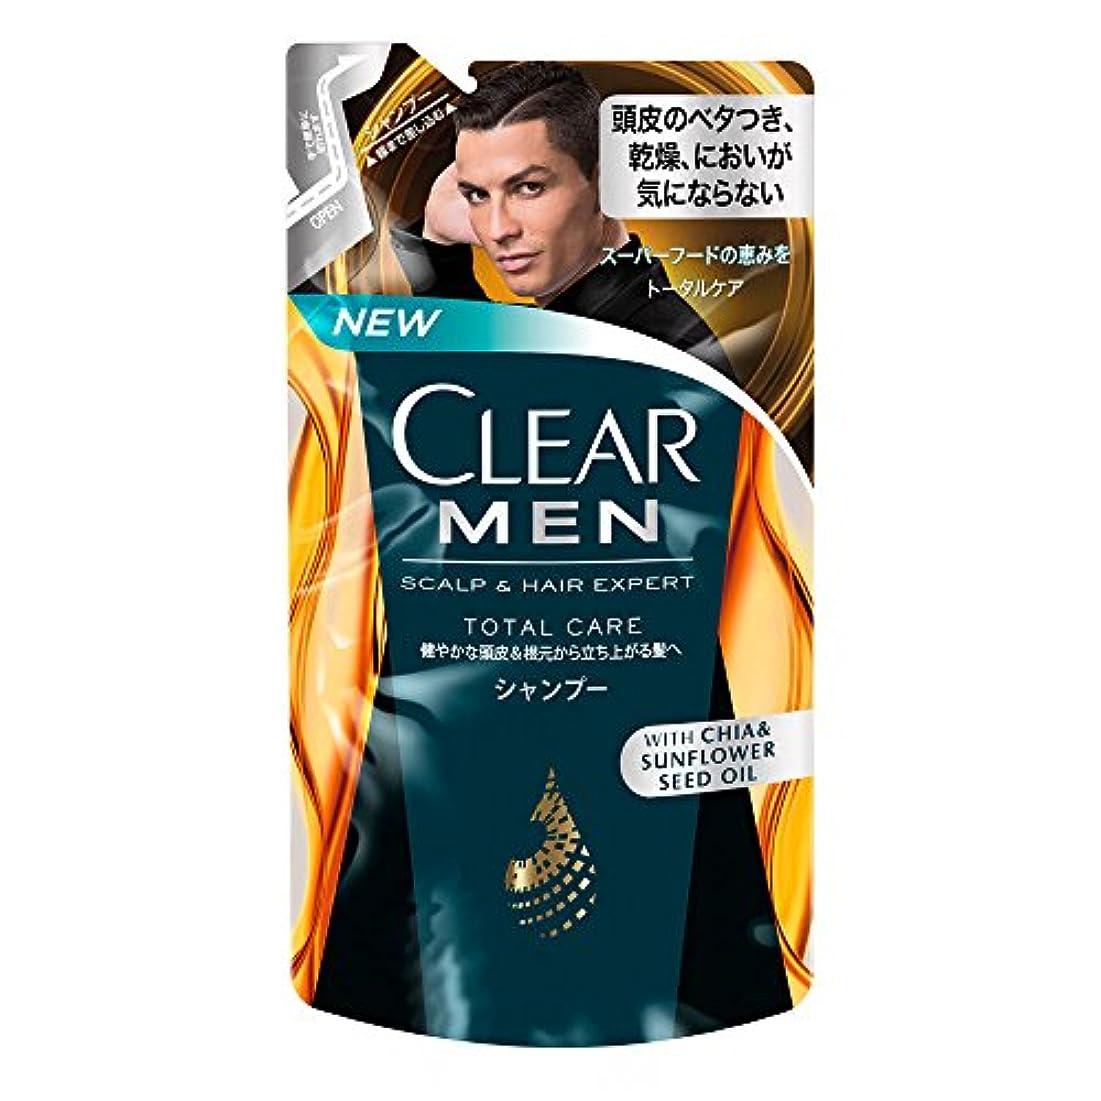 木解任生きるクリア フォーメン トータルケア 男性用シャンプー つめかえ用 (健やかな頭皮へ) 280g